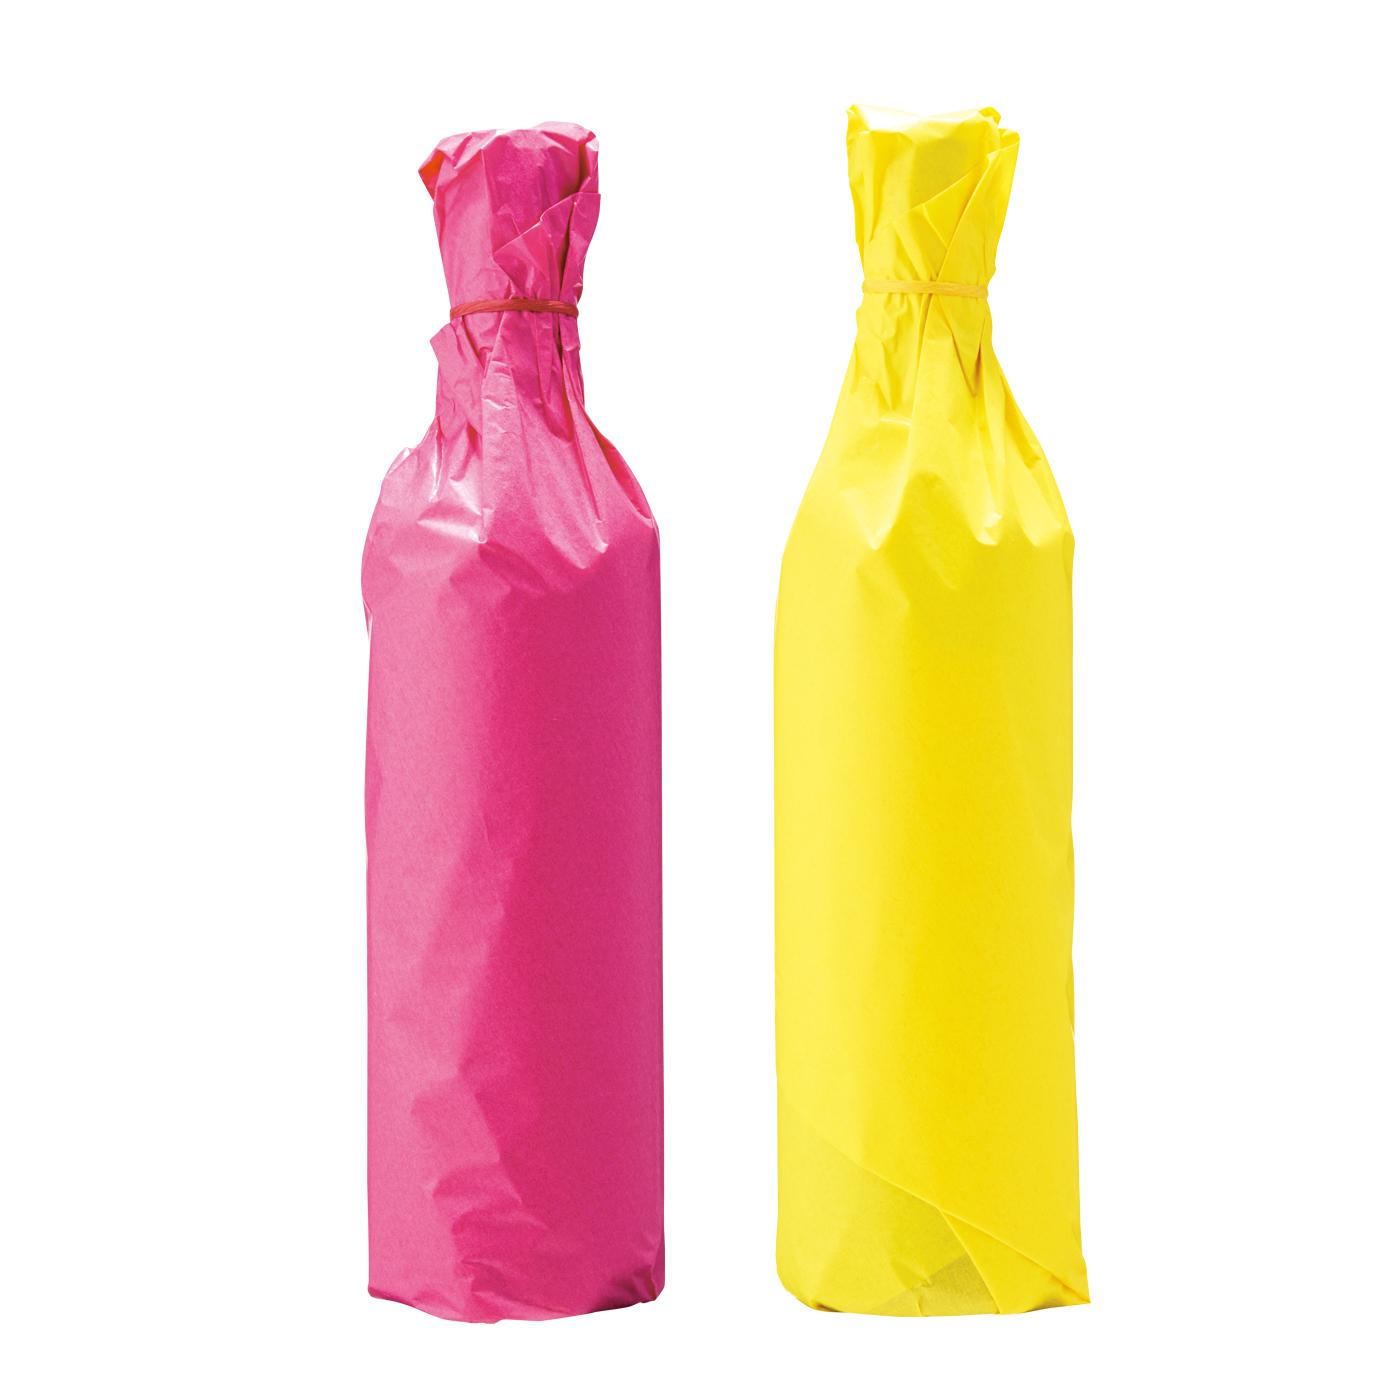 華やかなカラーペーパーのラッピングをほどこして、ギフトボックスに入れてお届けいたします。(左:赤ワイン 右:白ワイン)